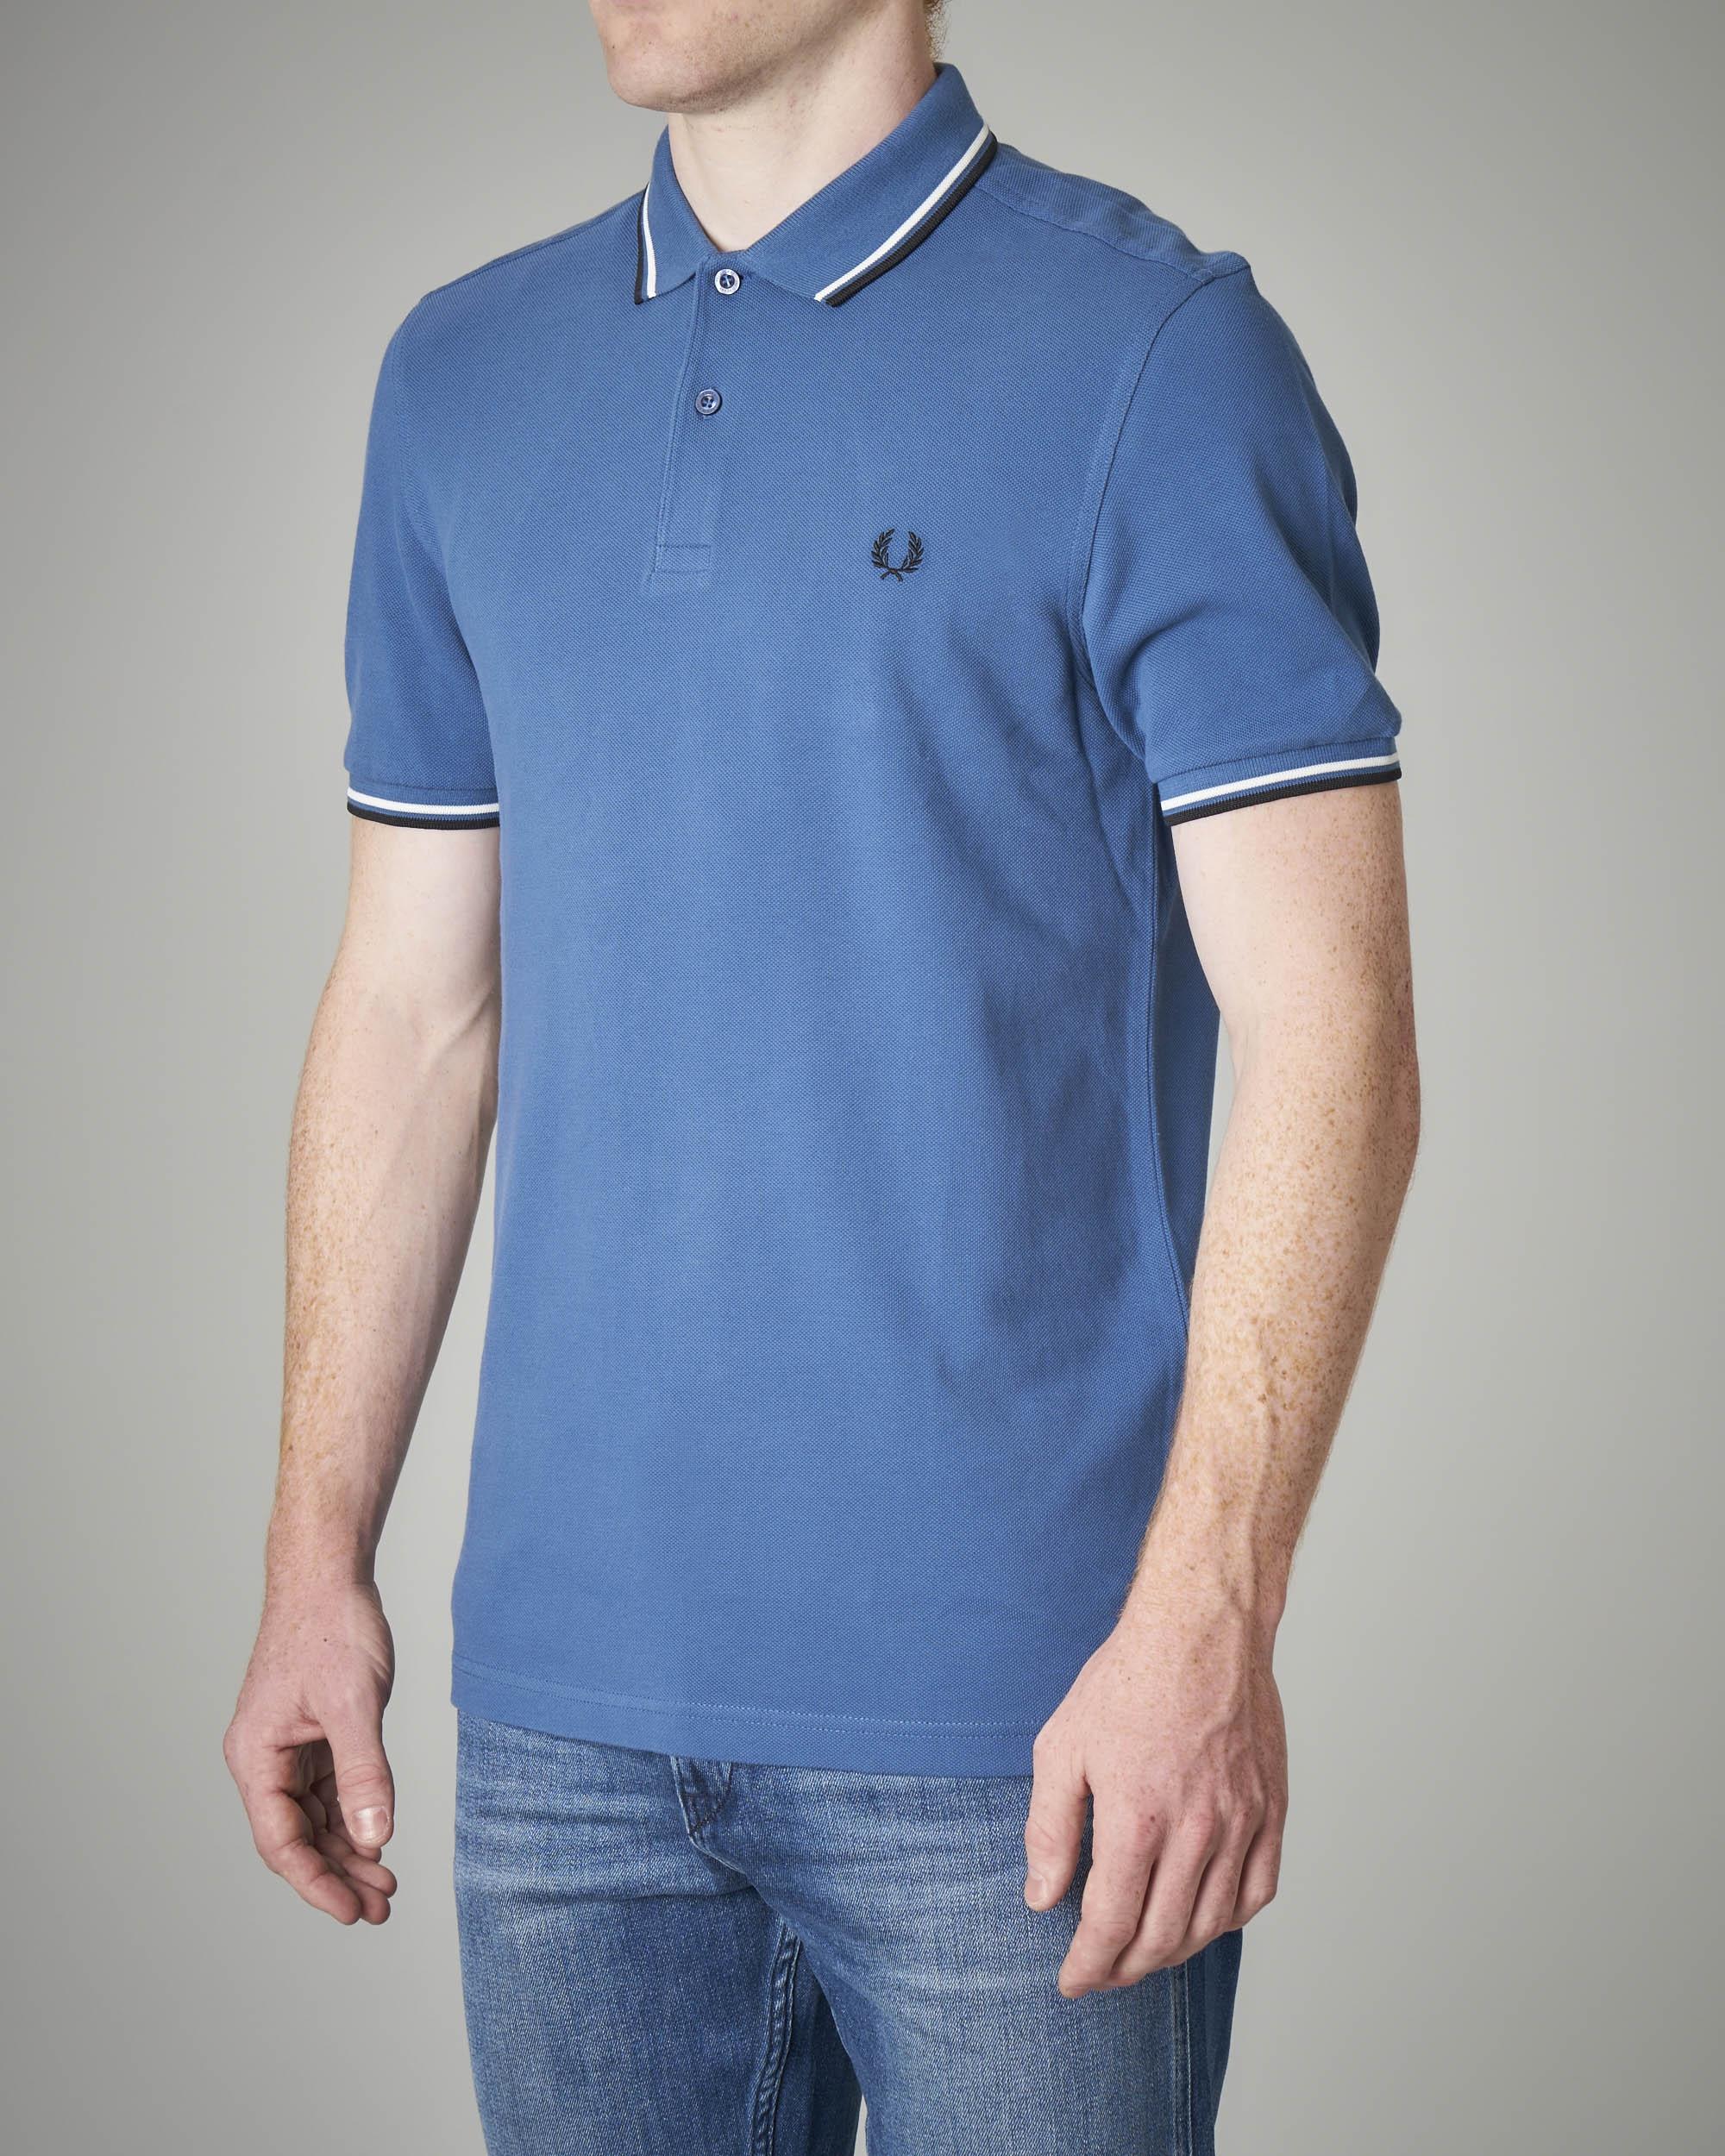 Polo azzurra bordino bicolore